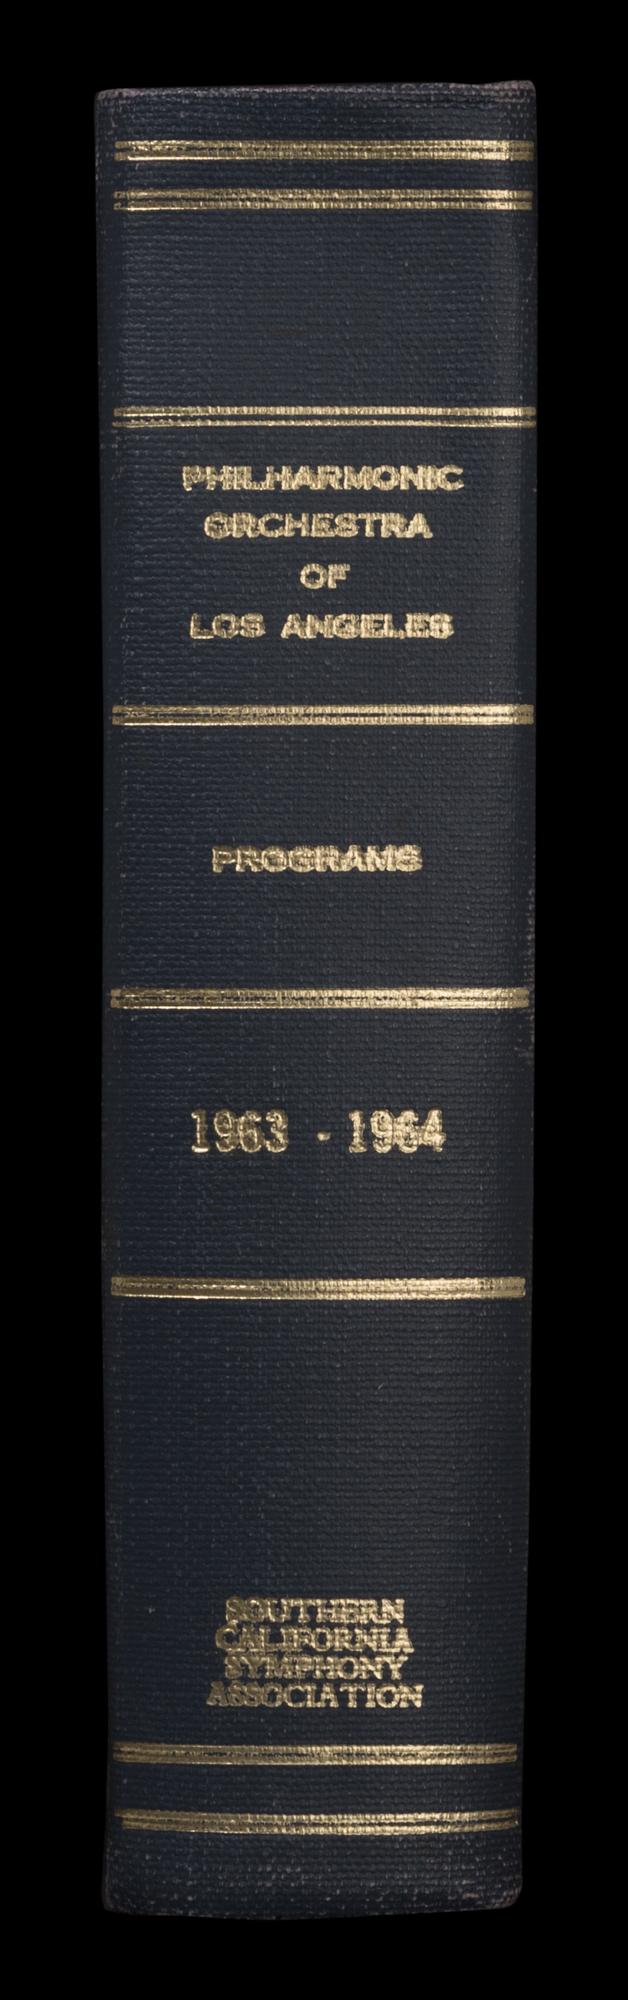 LAPO_ProgramBook_Spine_1963-1964.jpg